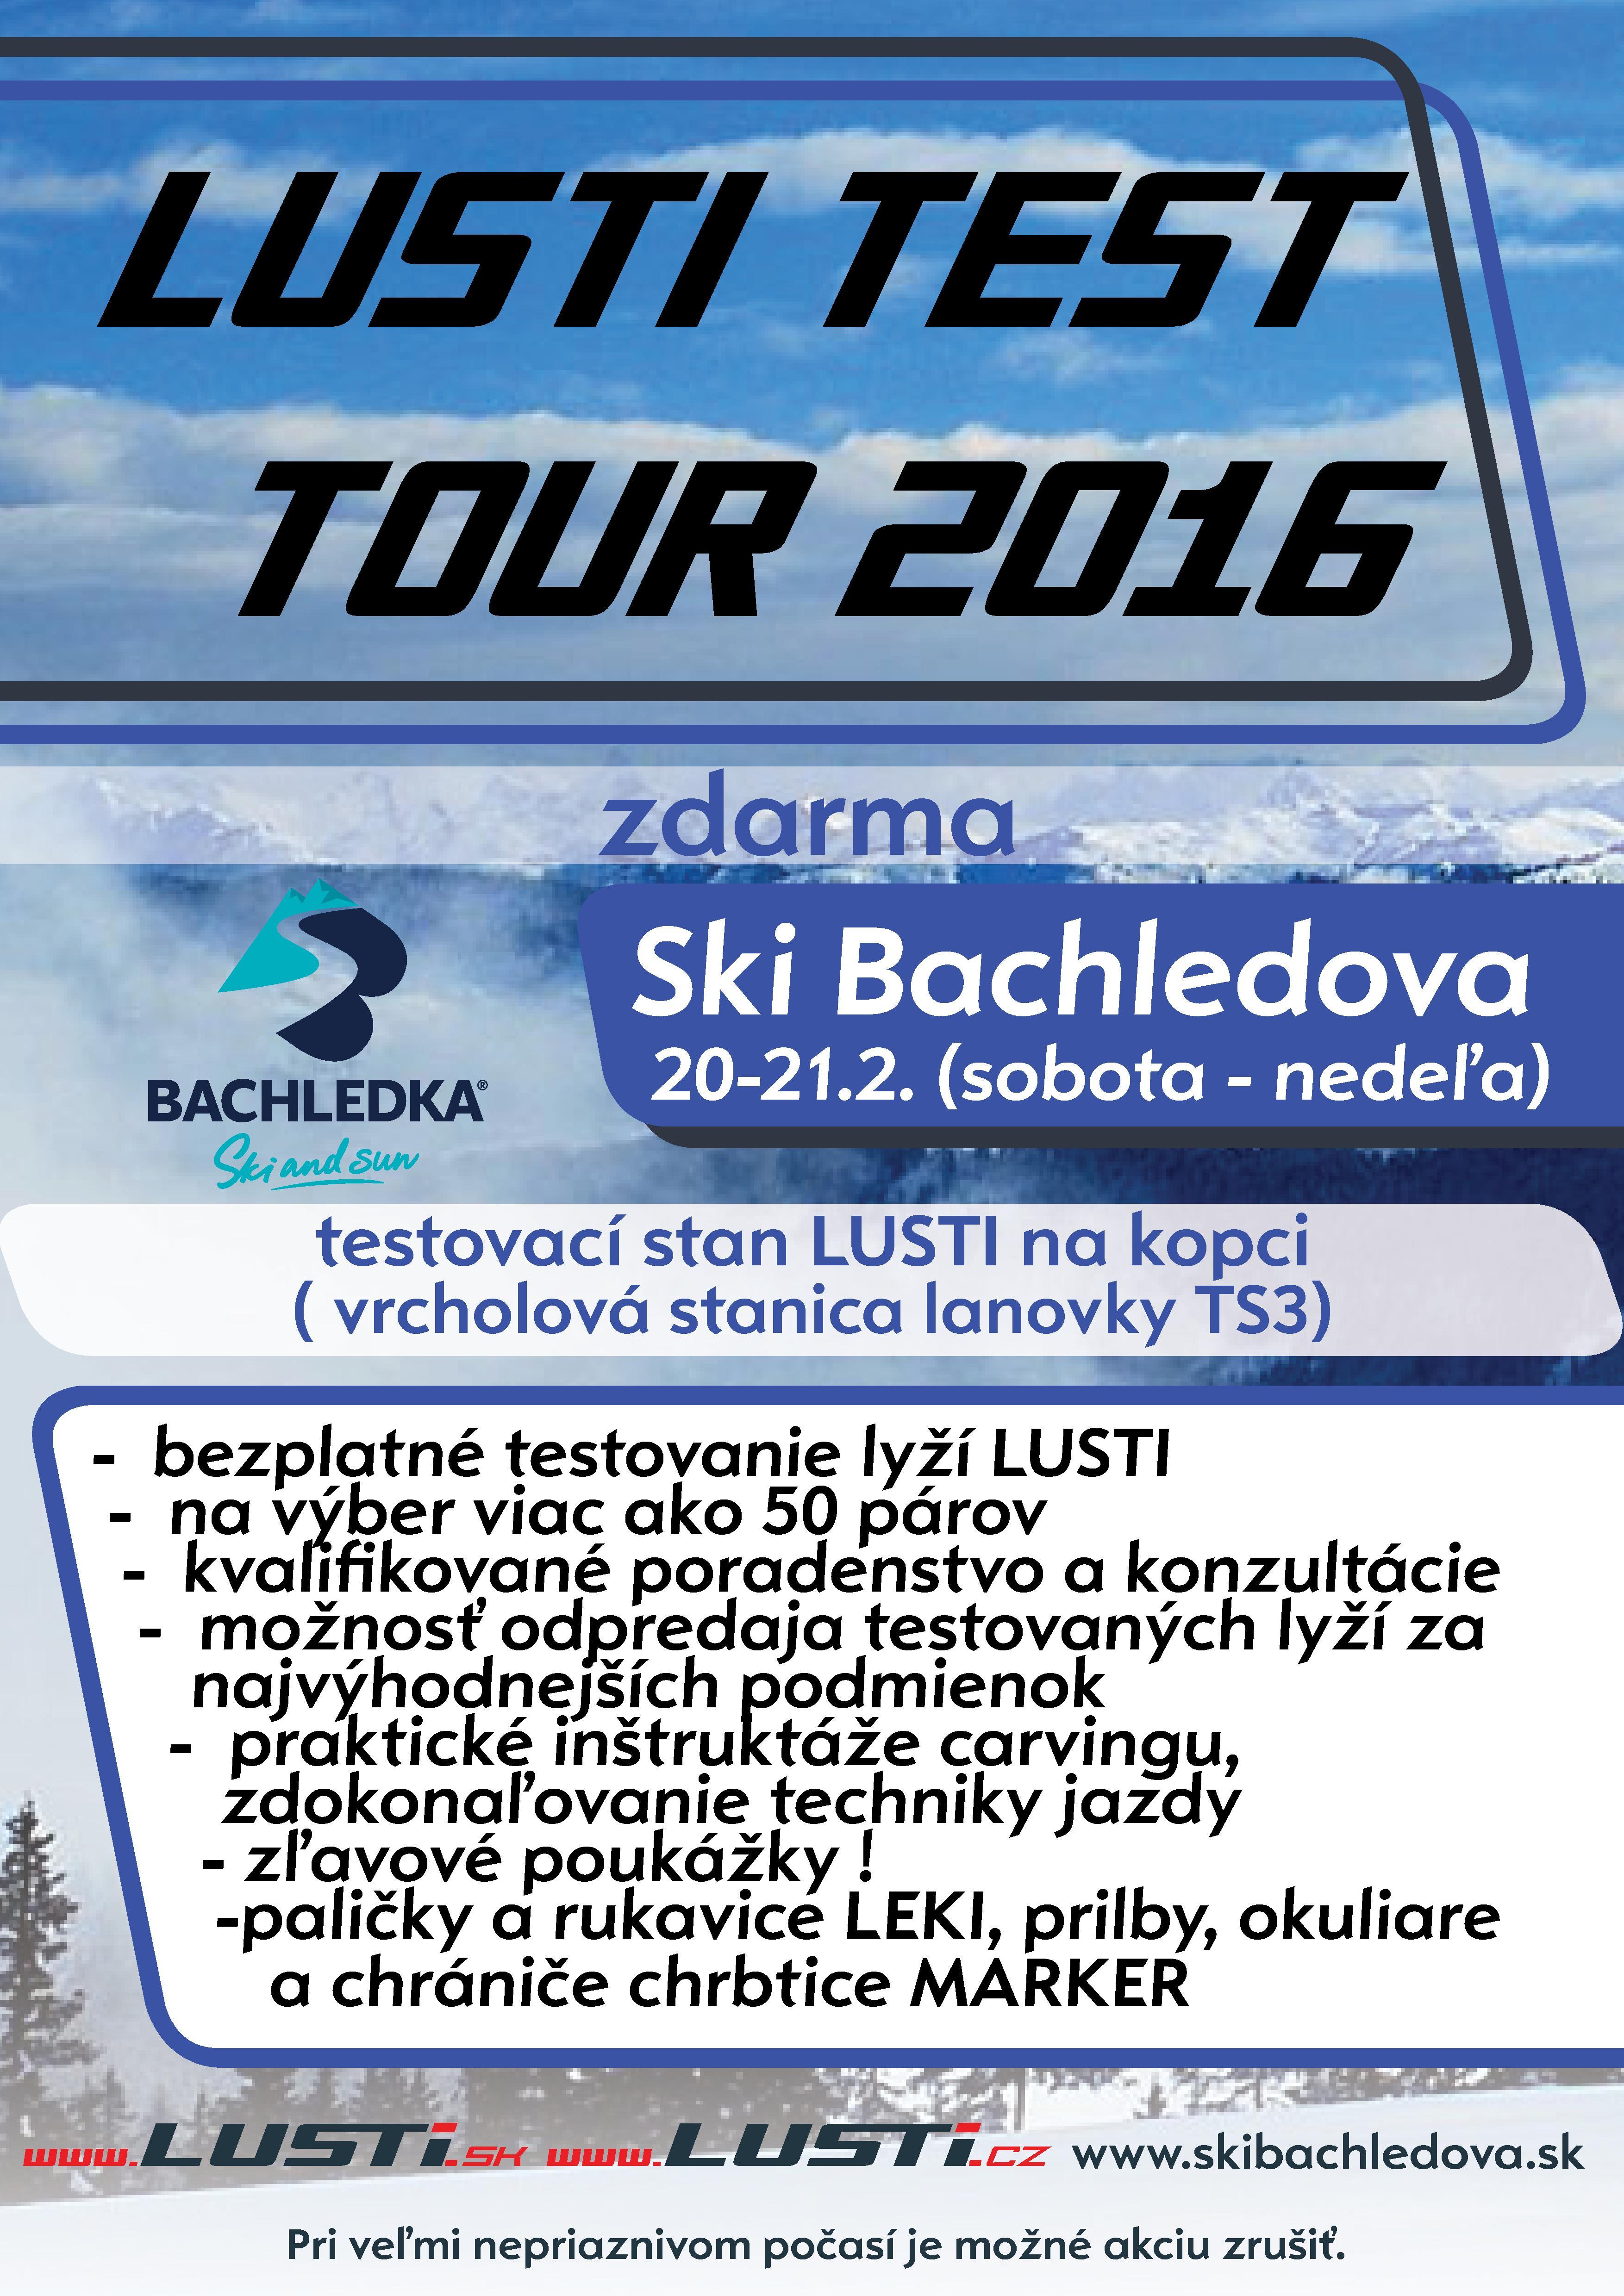 d3f99cbba269 Súťažiť sa bude v jazde na bicykloch a snowscootoch a zábava neskončí ani  večer